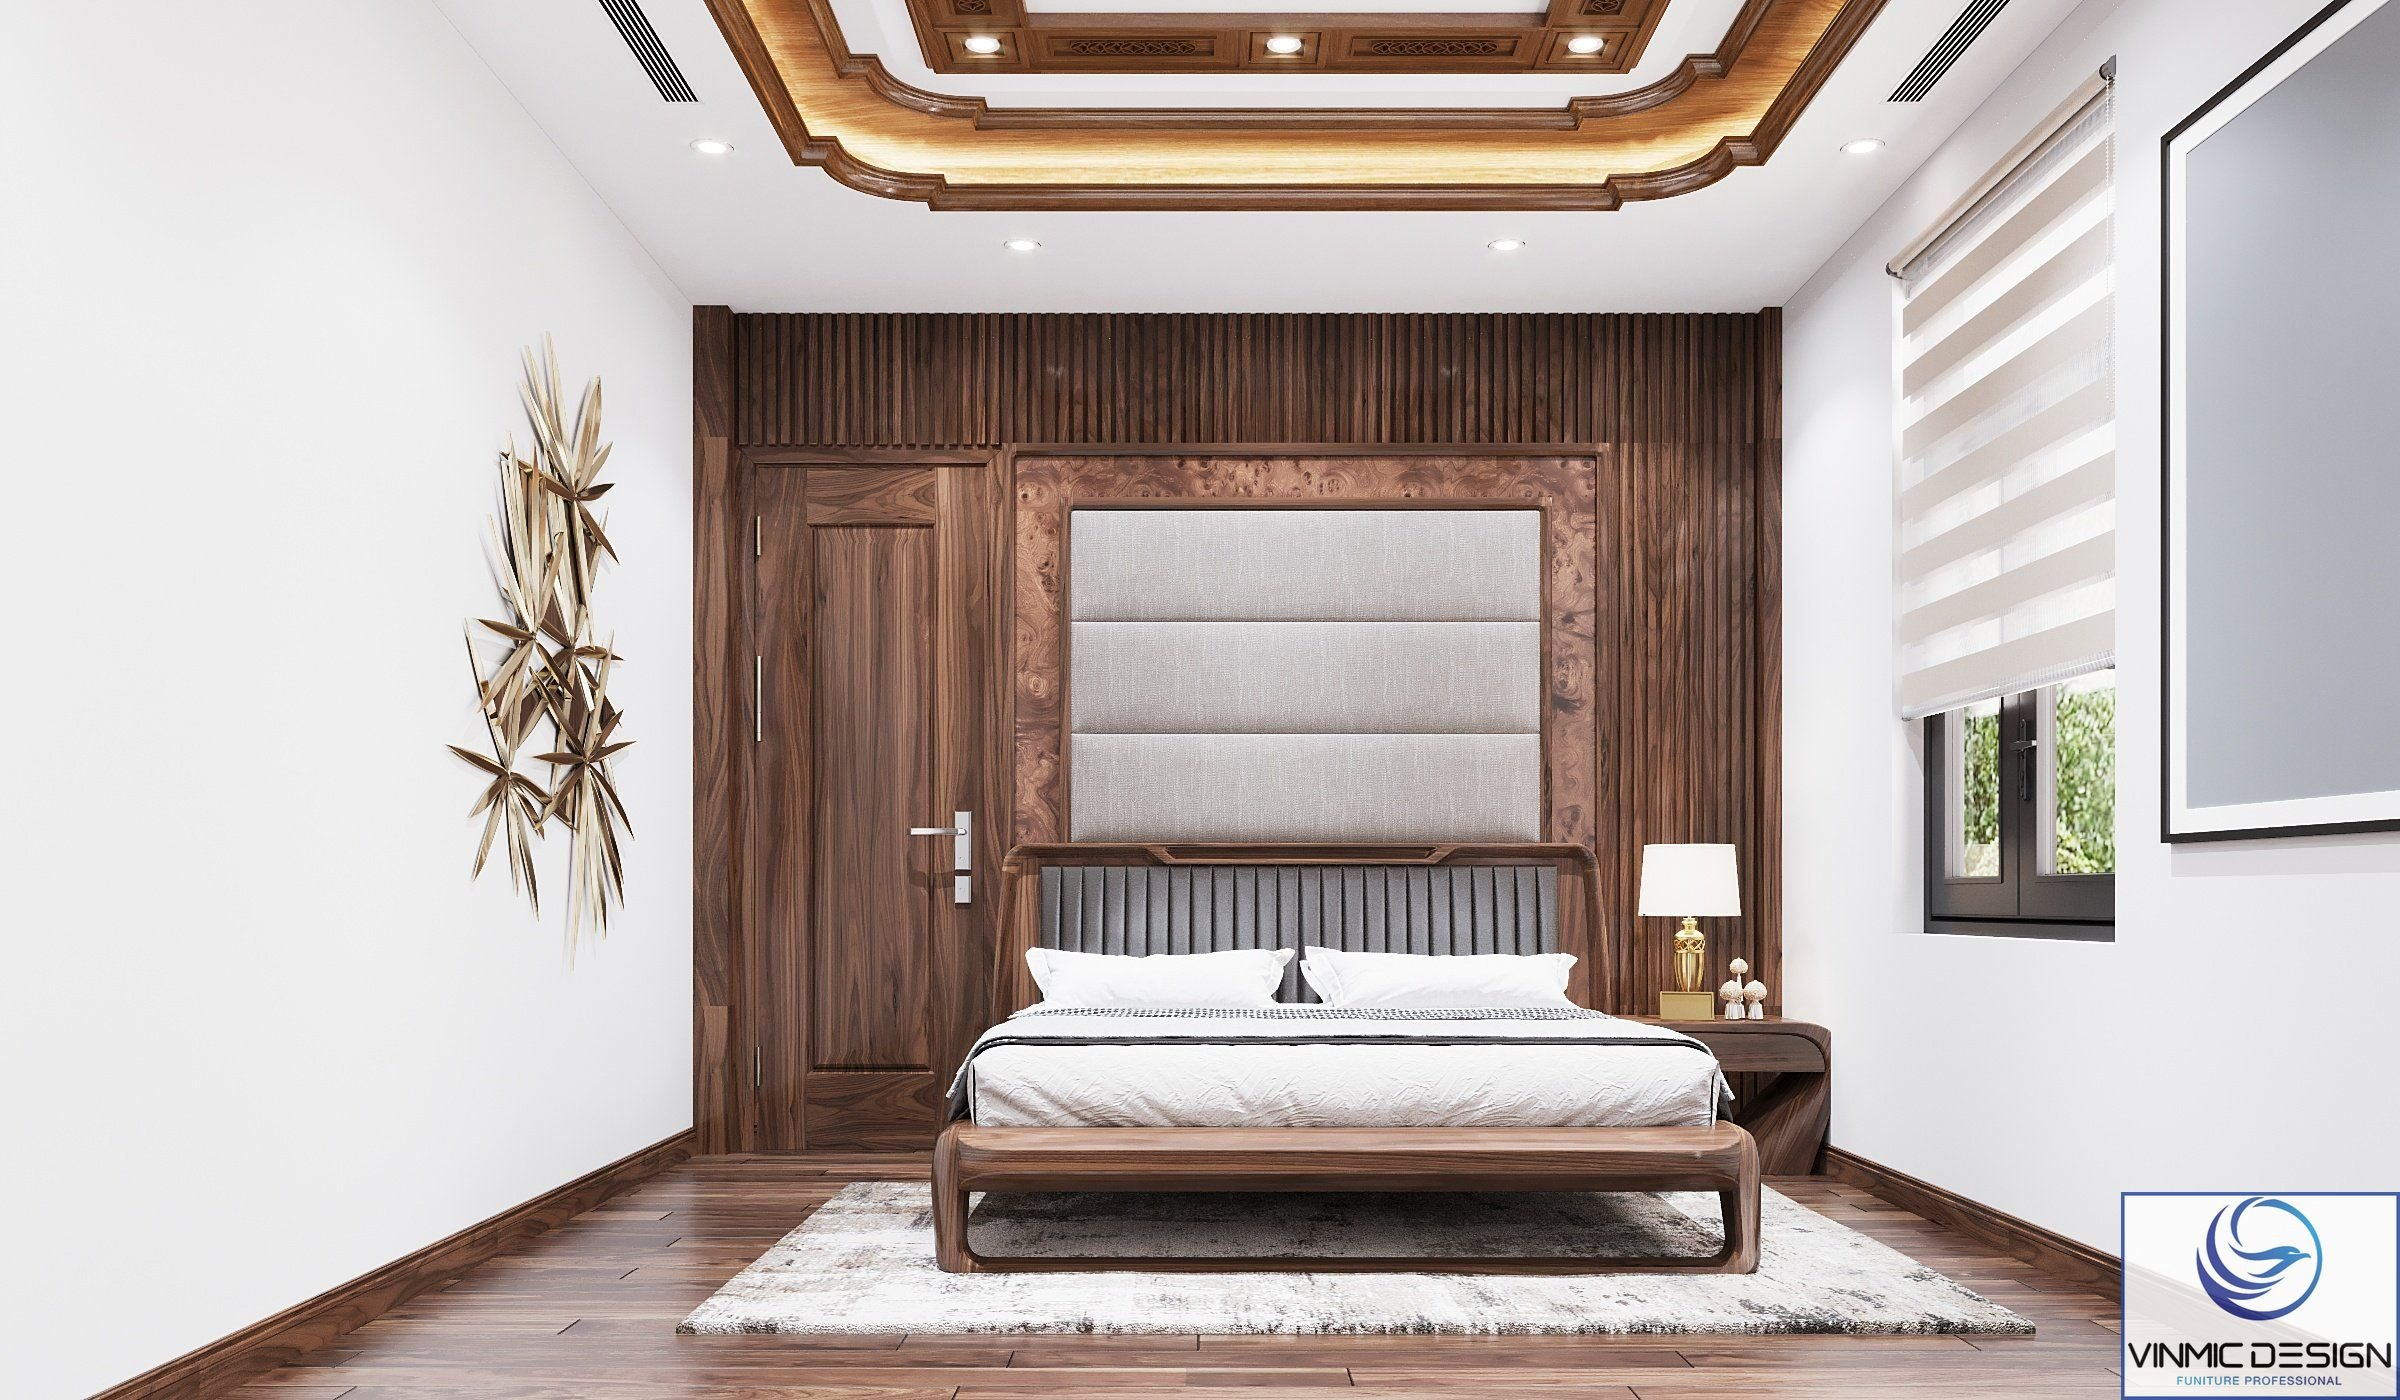 Thiết kế phòng ngủ đơn giản mà vẫn tôn lên vẻ sang trọng.